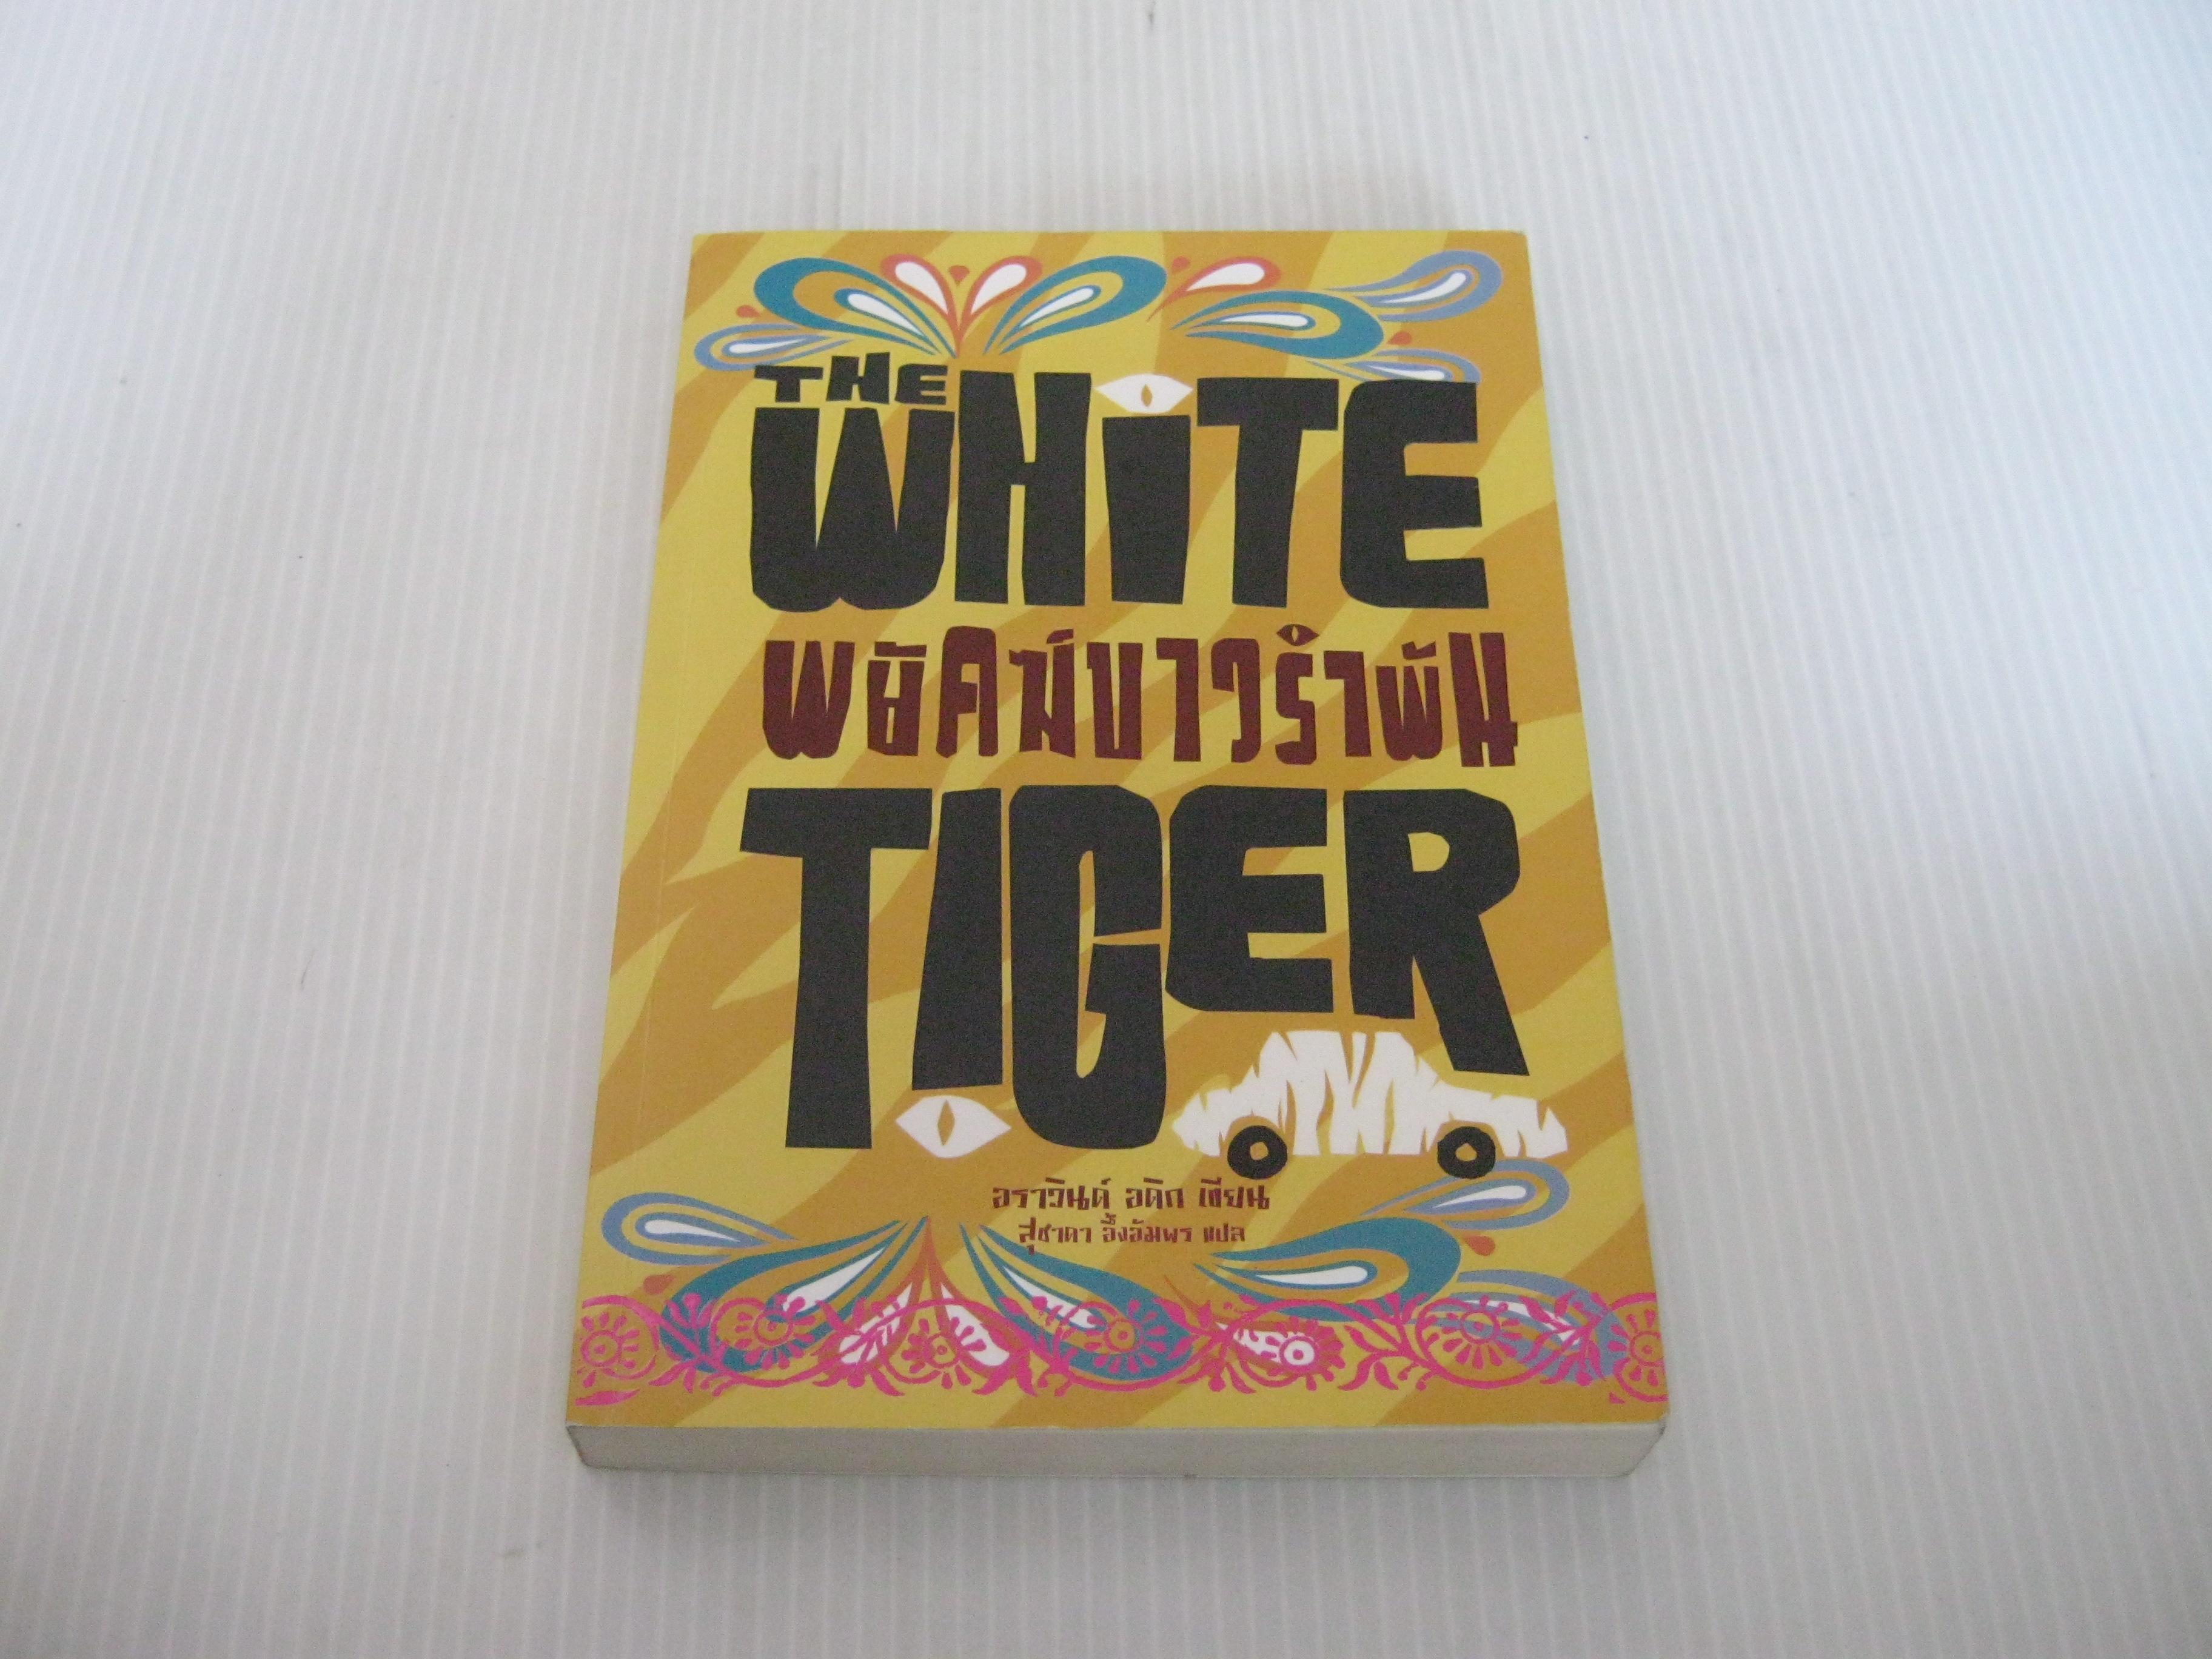 พยัคฆ์ขาวรำพัน (The White Tiger) อราวินด์ อดิก เขียน สุชาดา อึ้งอัมพร แปล